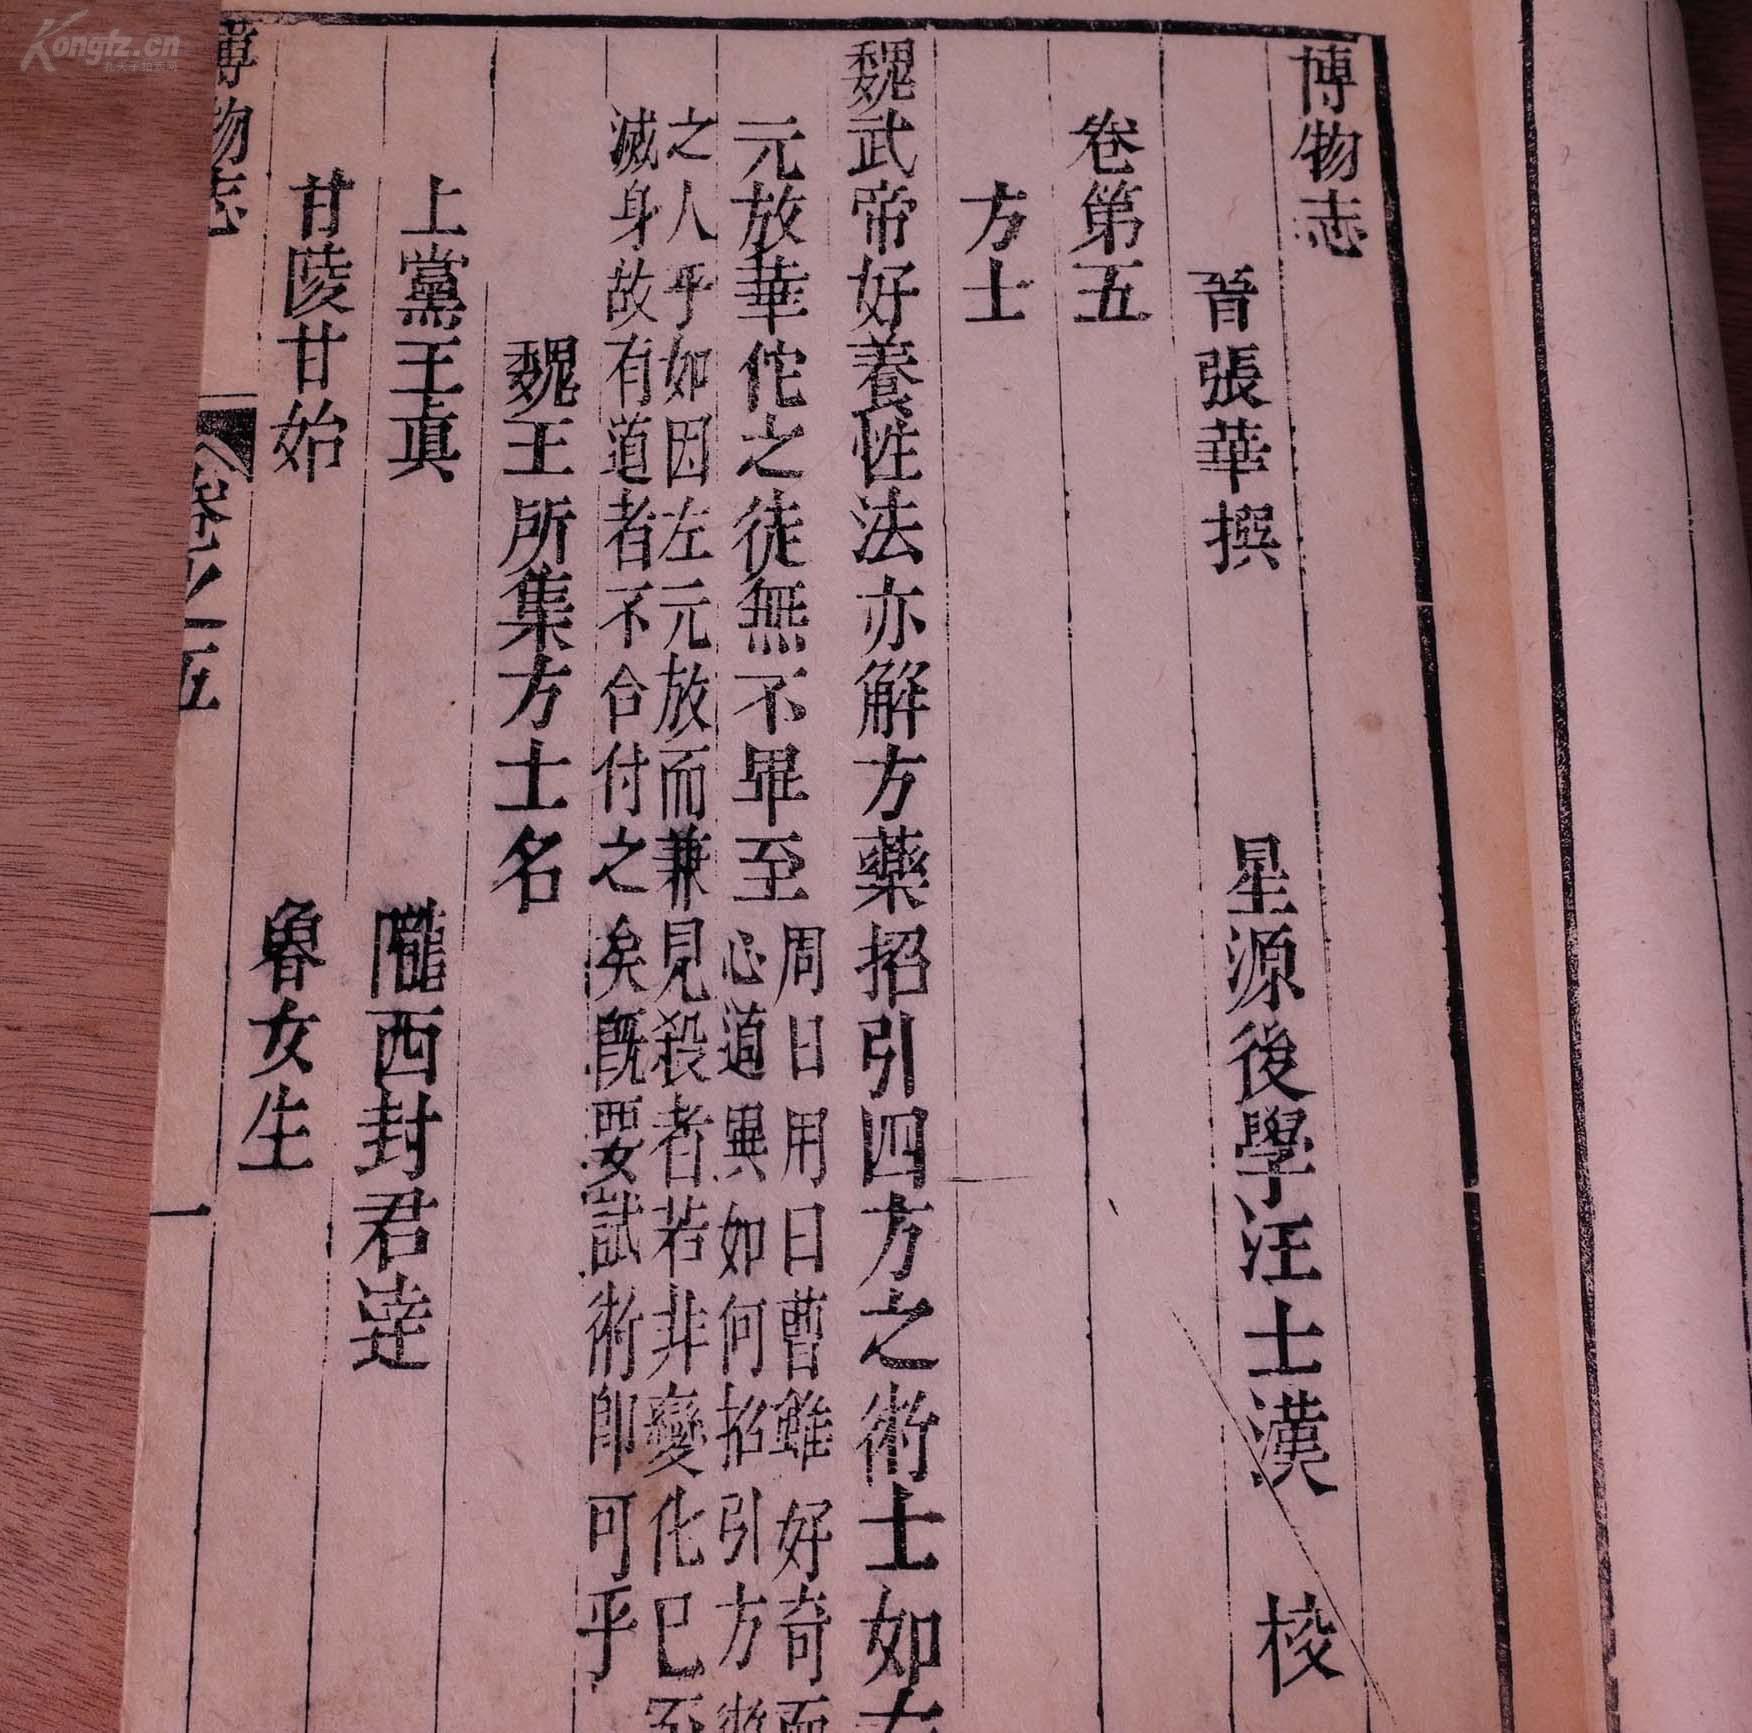 【图】明万历刻清康熙补板《地理志》10卷4册八博物教案长江年级图片